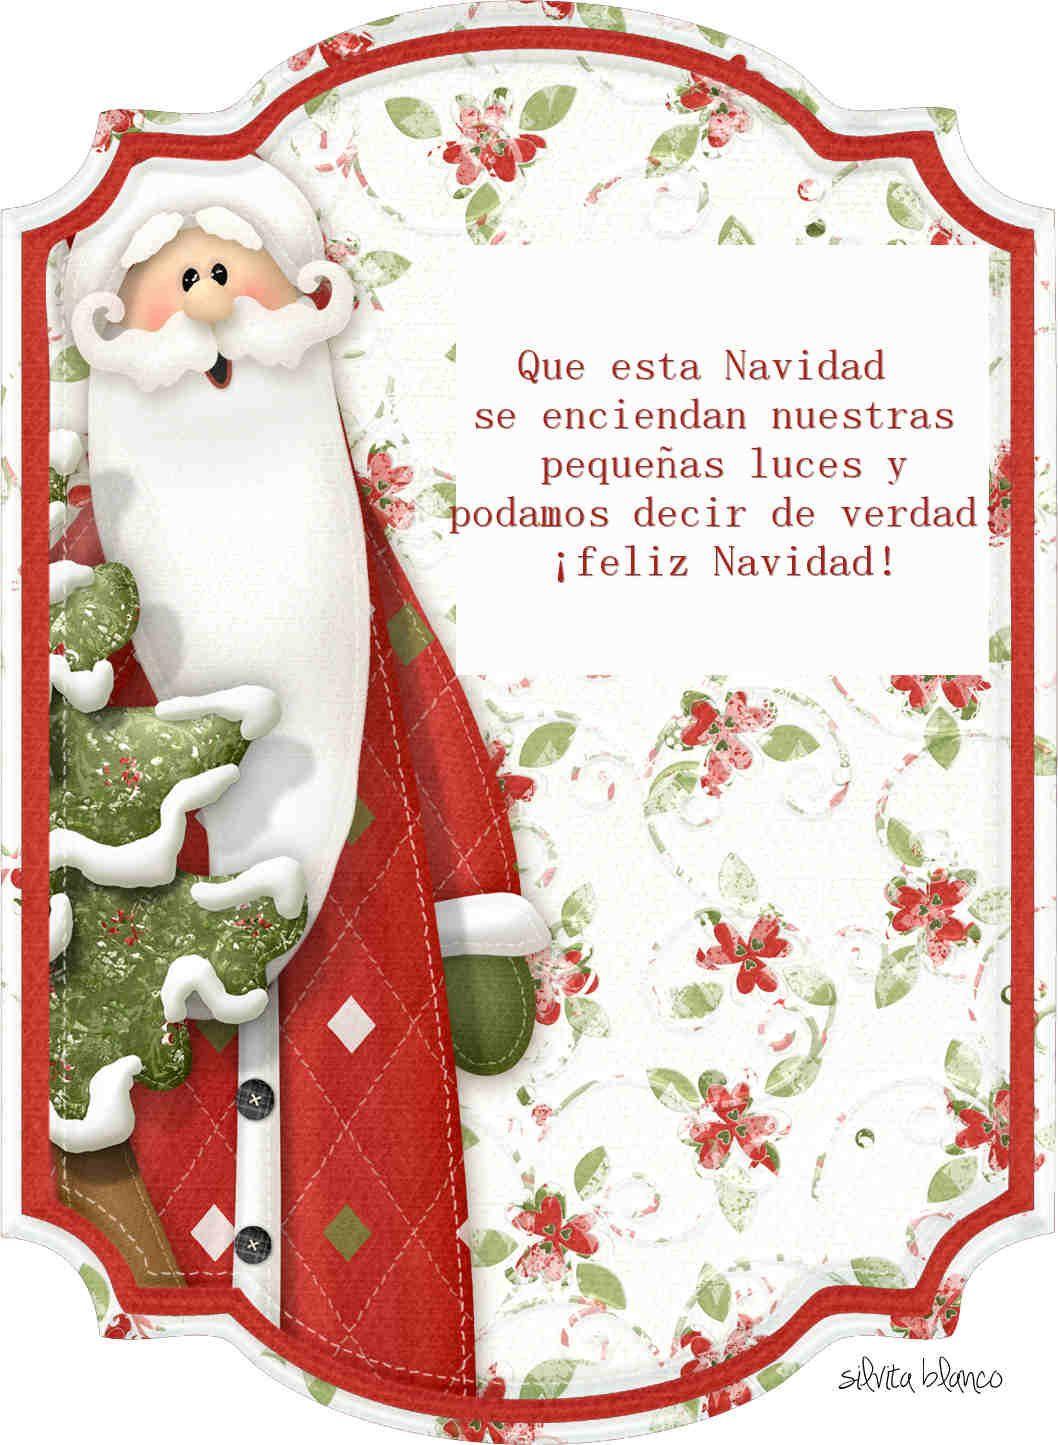 Felicitaciones Para Navidad 2019.Imagenes Y Tarjetas Para Felicitar En Navidad 2019 Nuevas